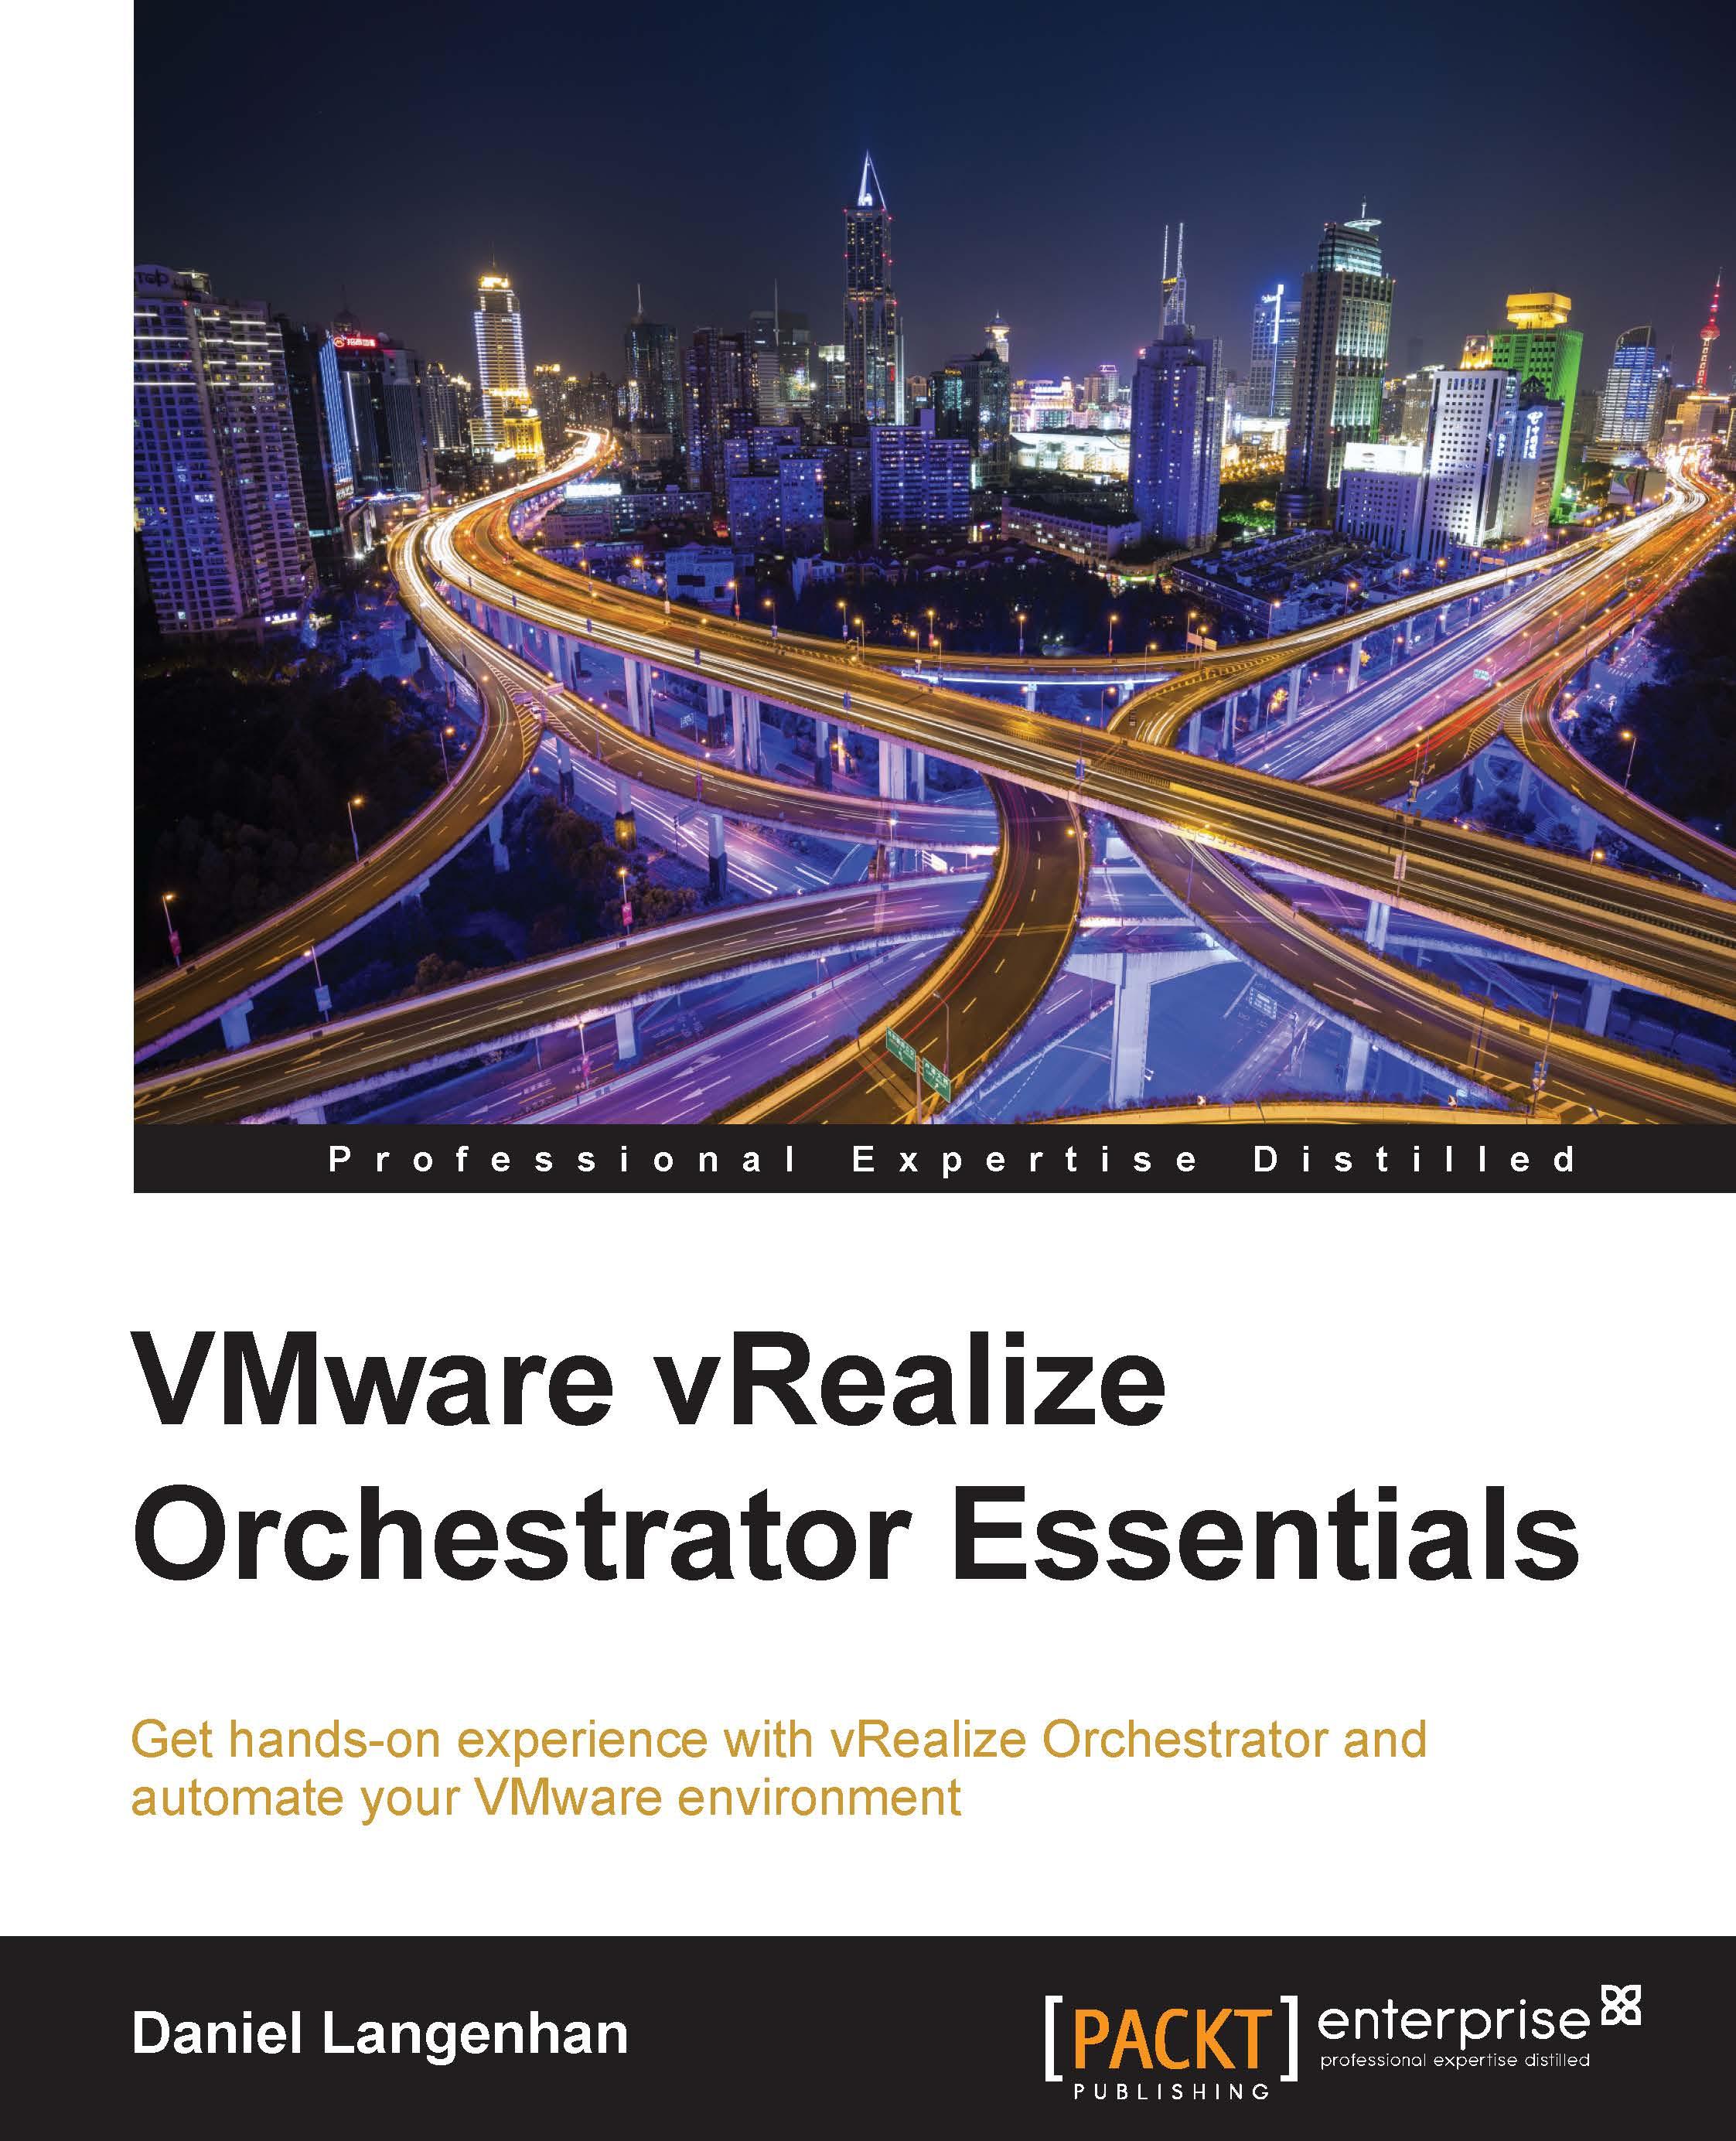 VMware vRealize Orchestrator Essentials by Daniel Langenhan | Read